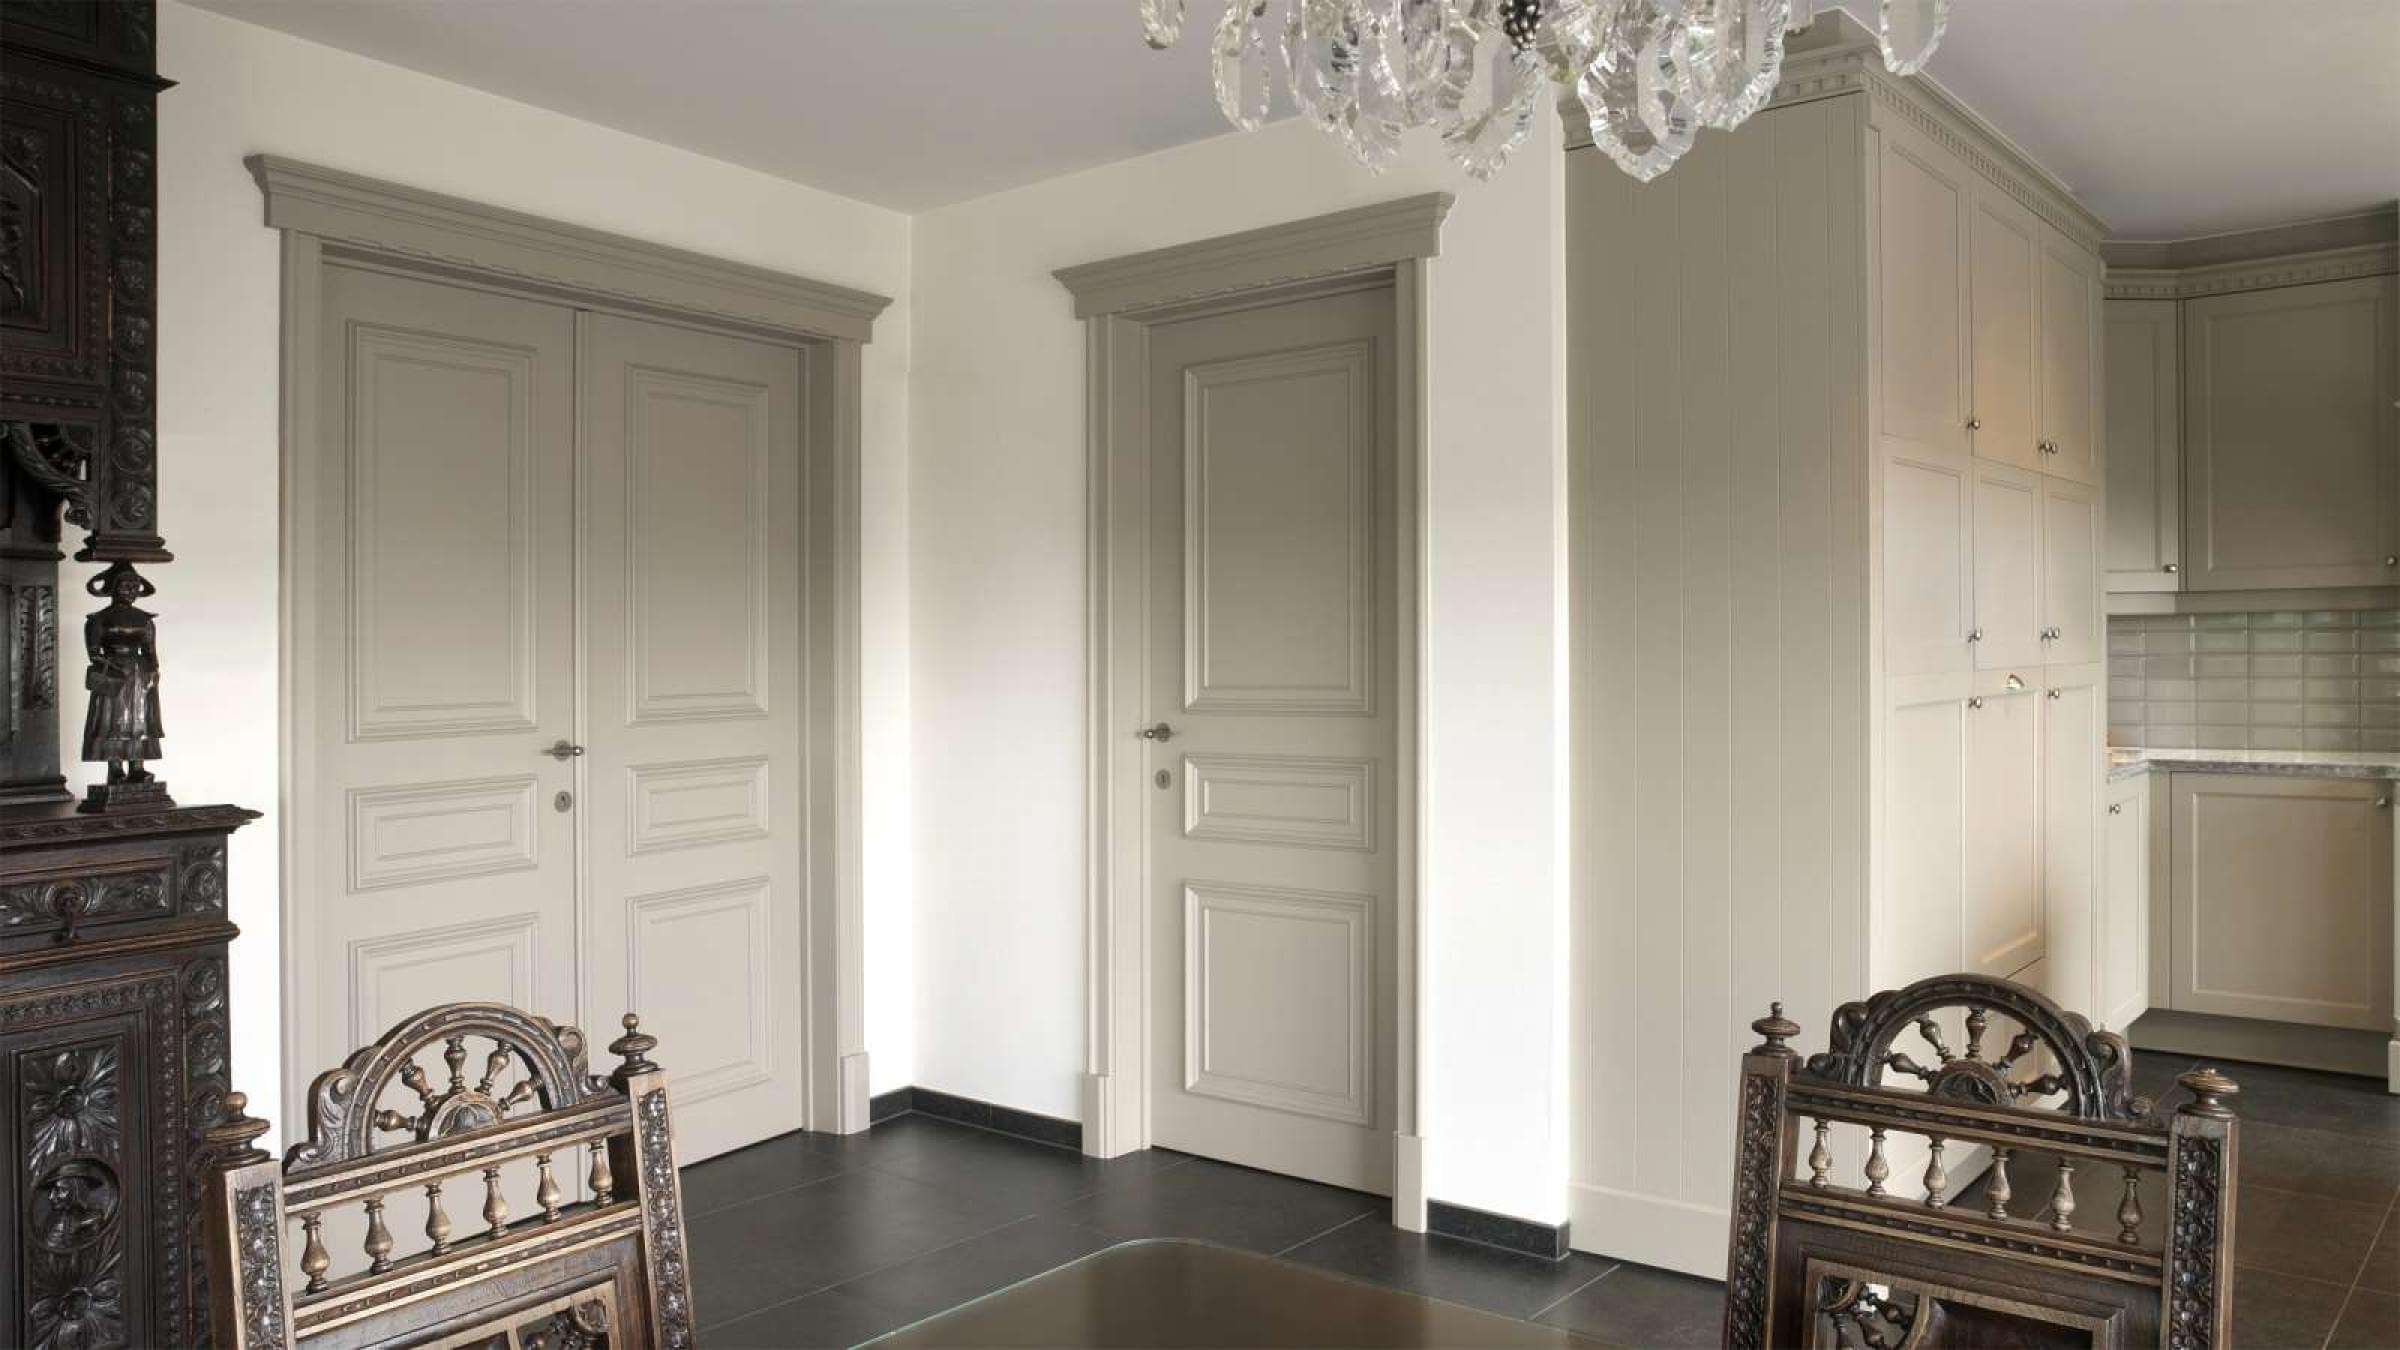 nordex-dubbele-deuren-oogwenk